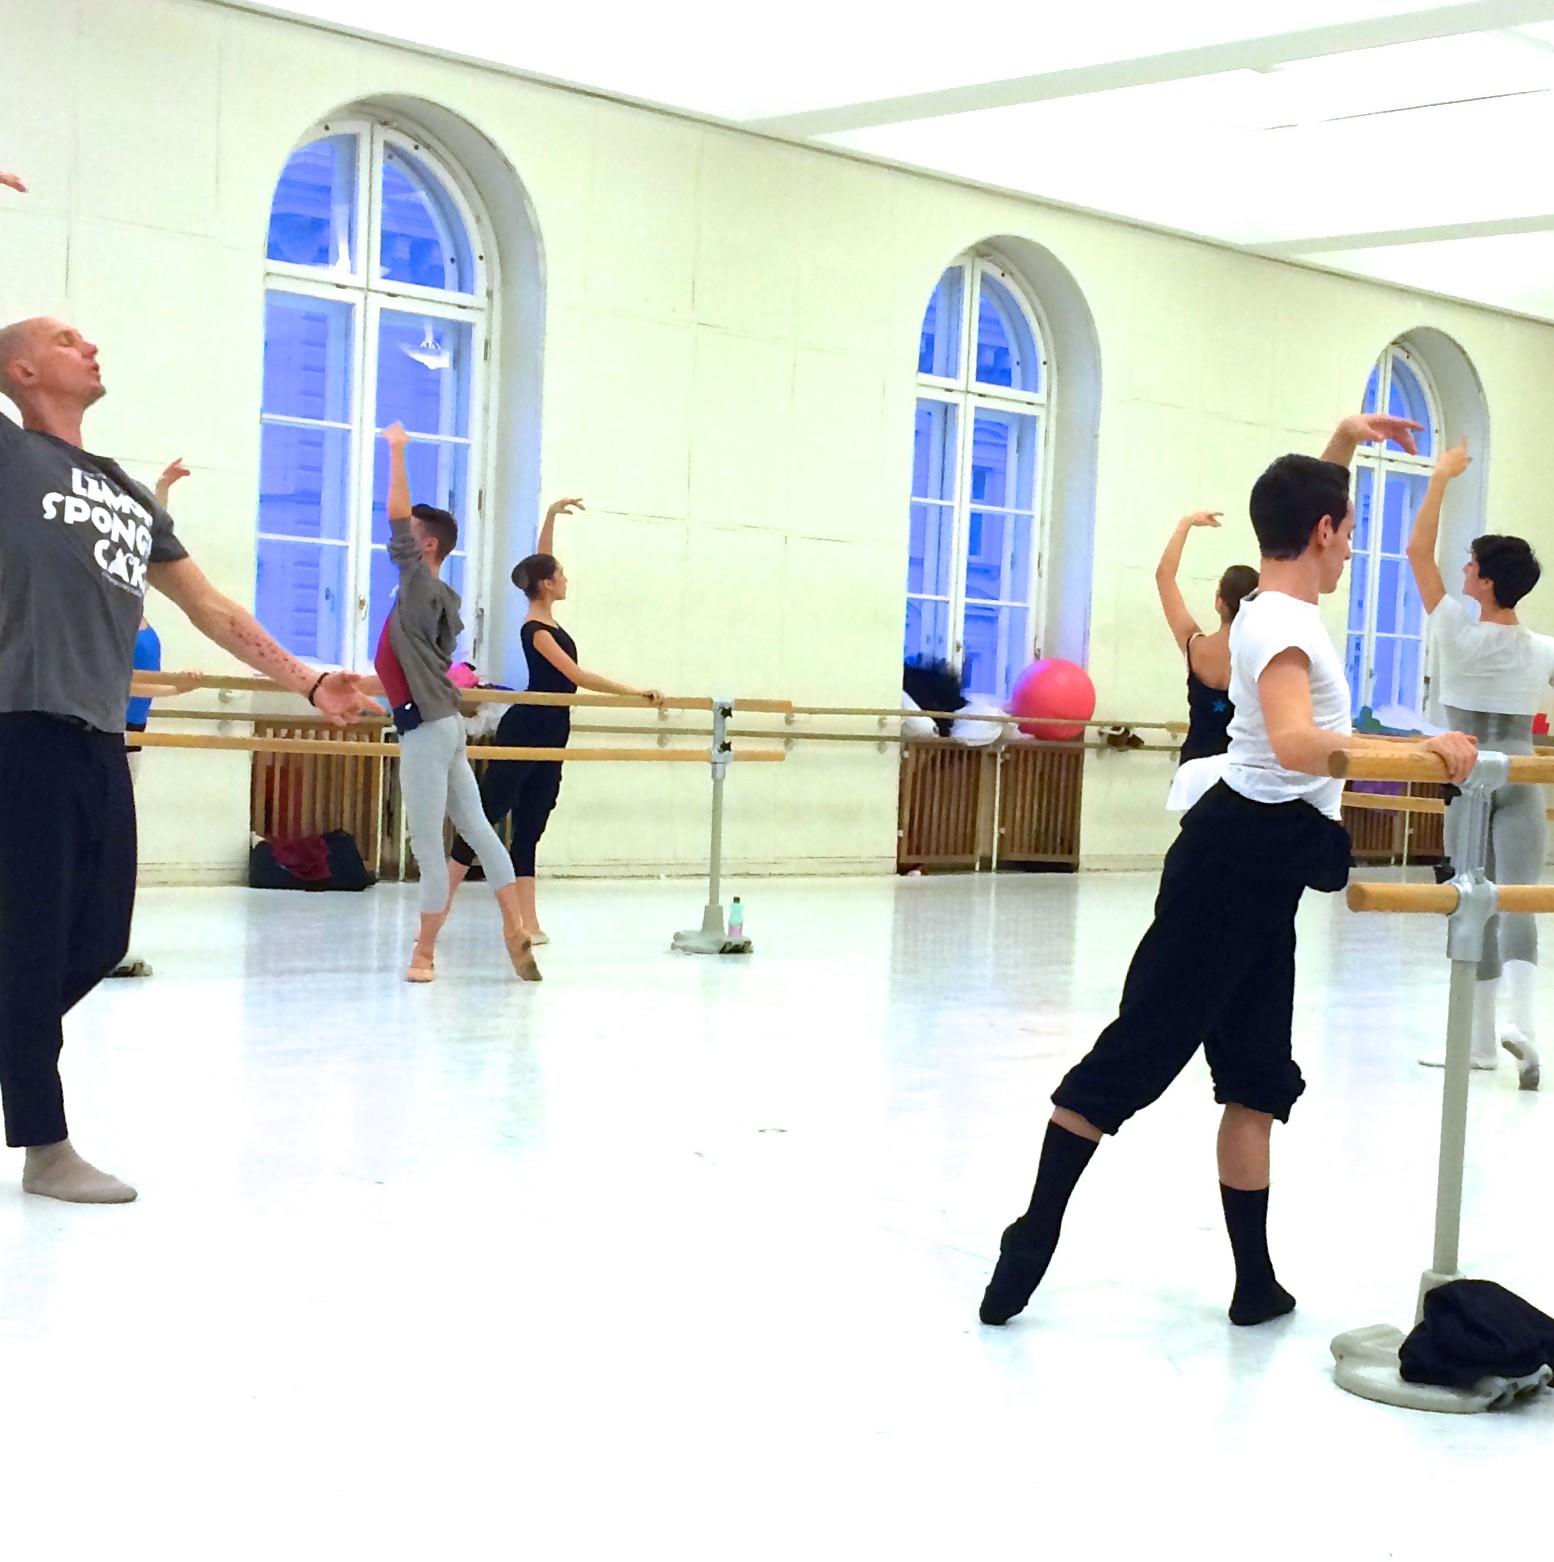 Lemon Sponge Cake Contemporary Ballet Robert Sher-Machherndl teaches ballet class with Robert Sher-Machherndl